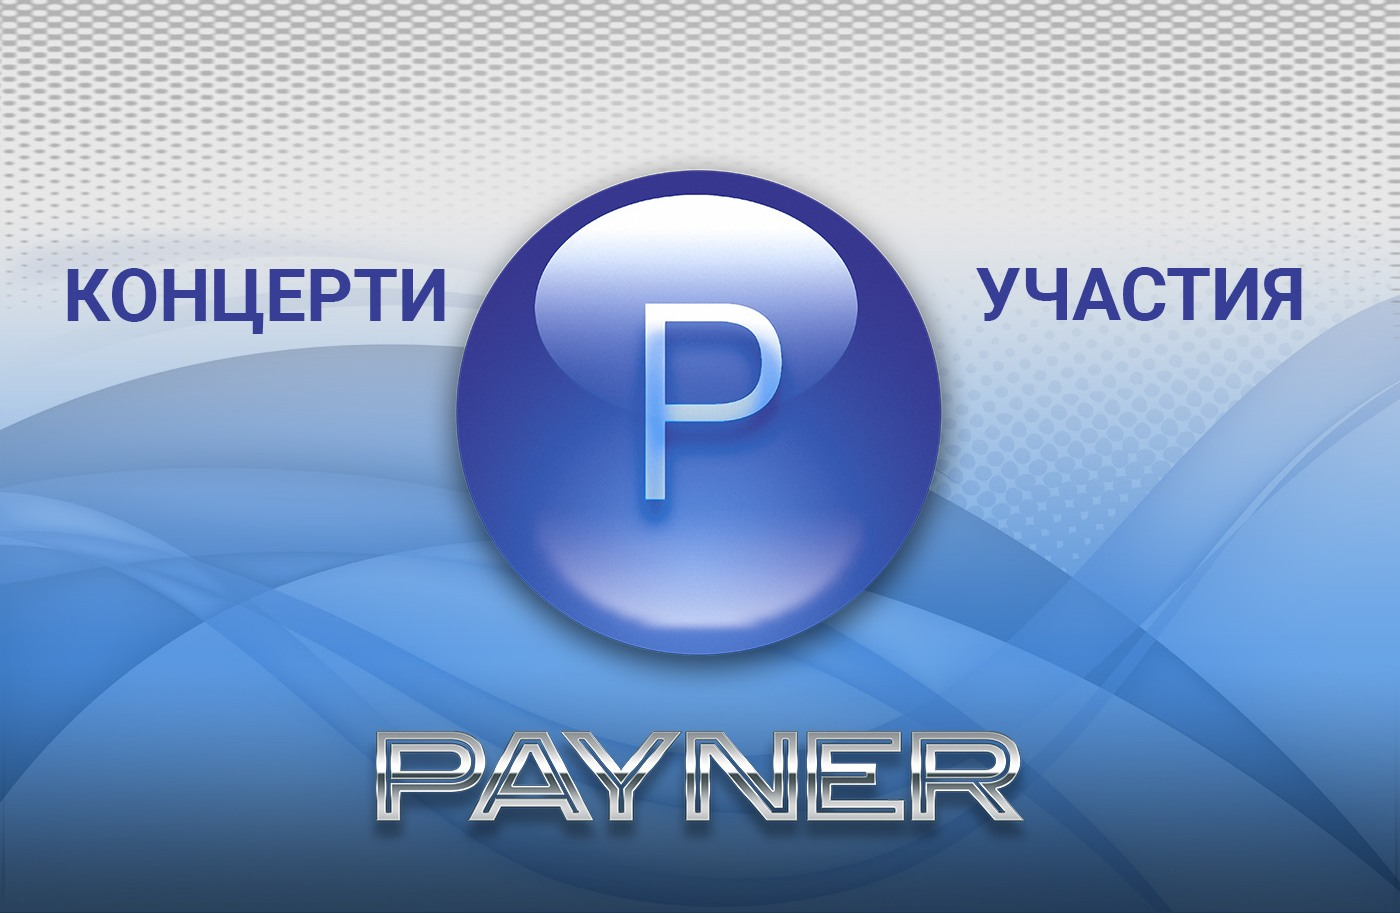 """Участия на звездите на """"Пайнер"""" на 08.10.2018"""